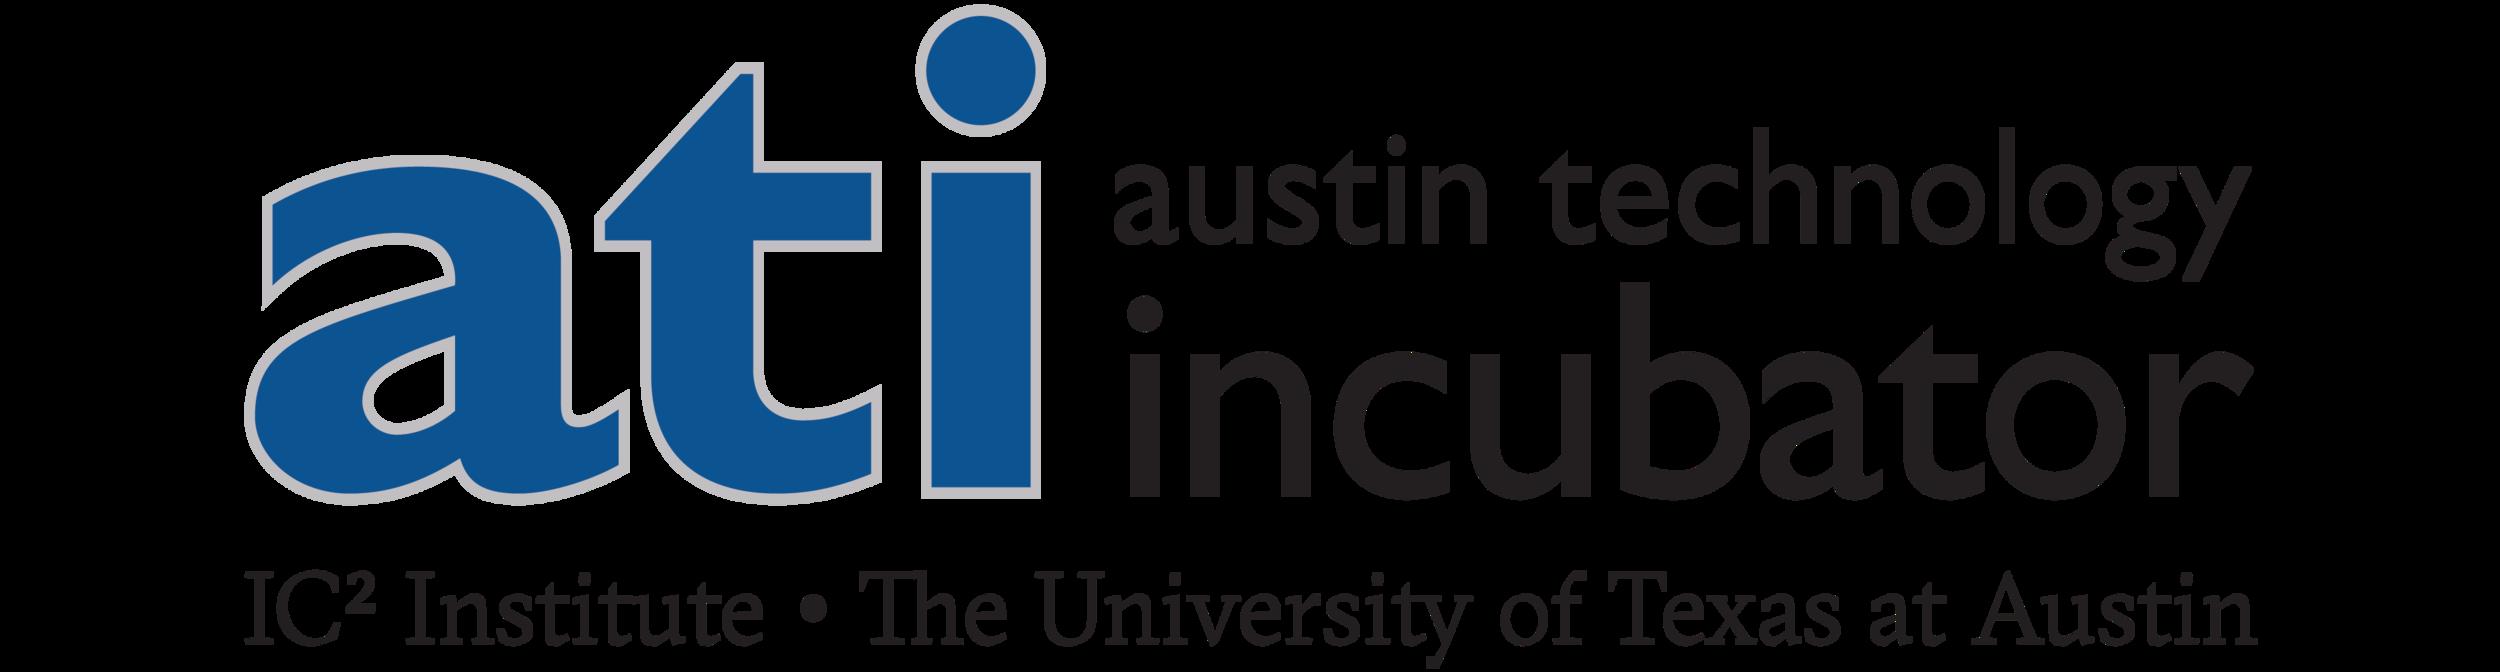 ATI-logo-2017-ORIG.png